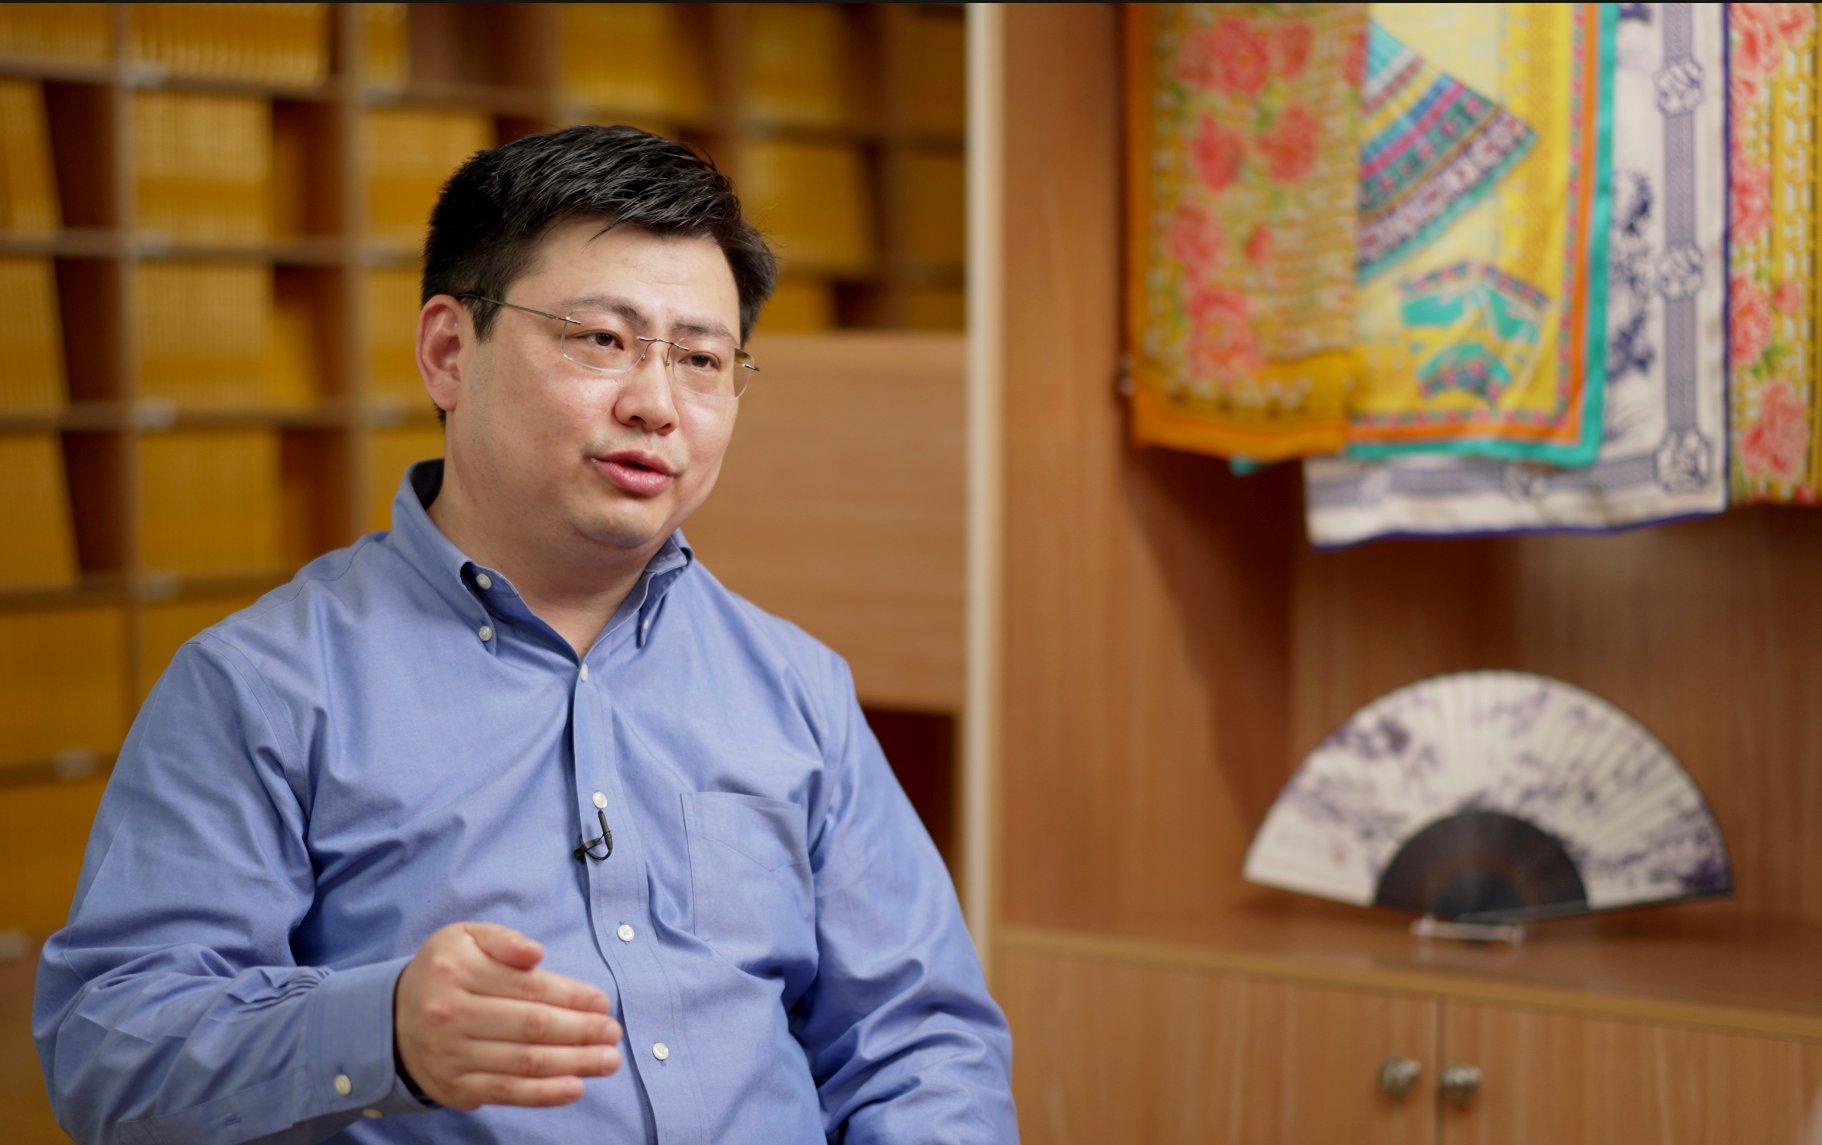 神韻藝術團小提琴手兼歌唱家黃鵬。(新唐人電視台)